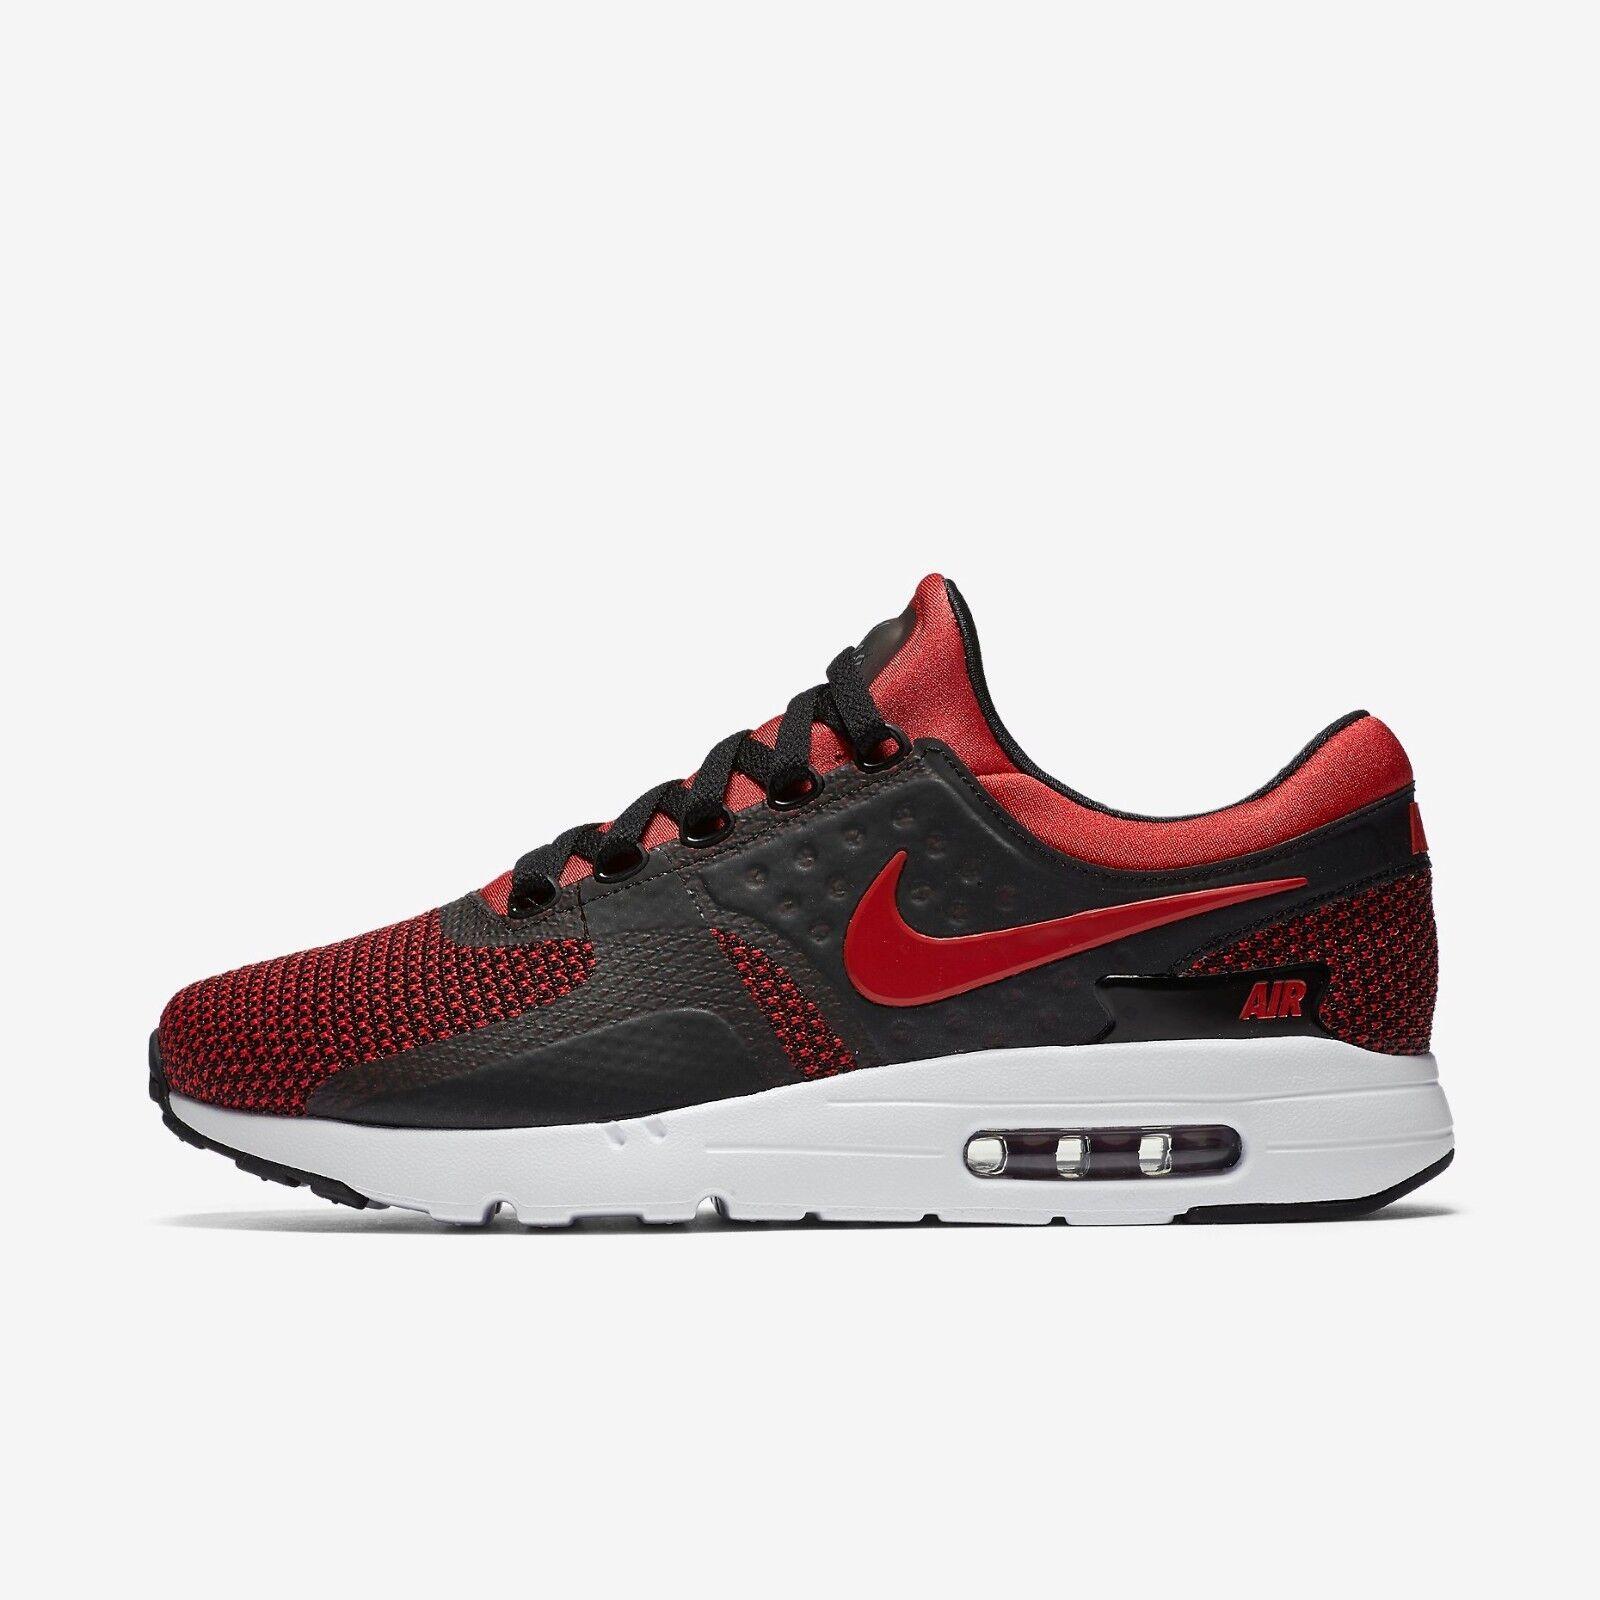 Nike air max zero essenziale 0 876070 600 università rosso / nero-white - rete ultra